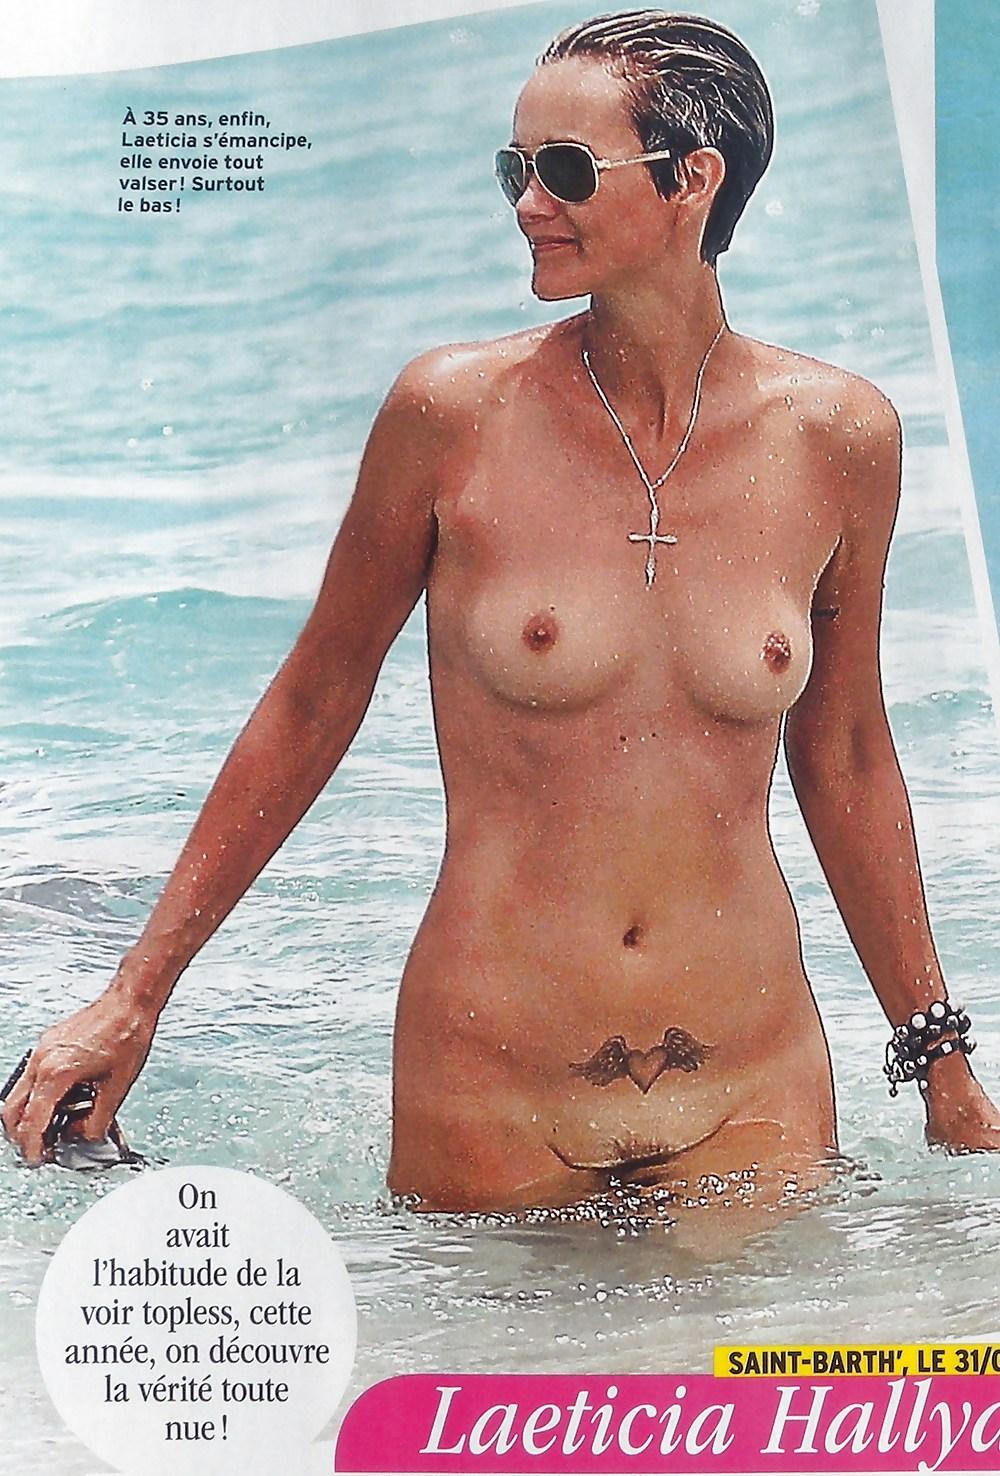 Zarine khan nude pic